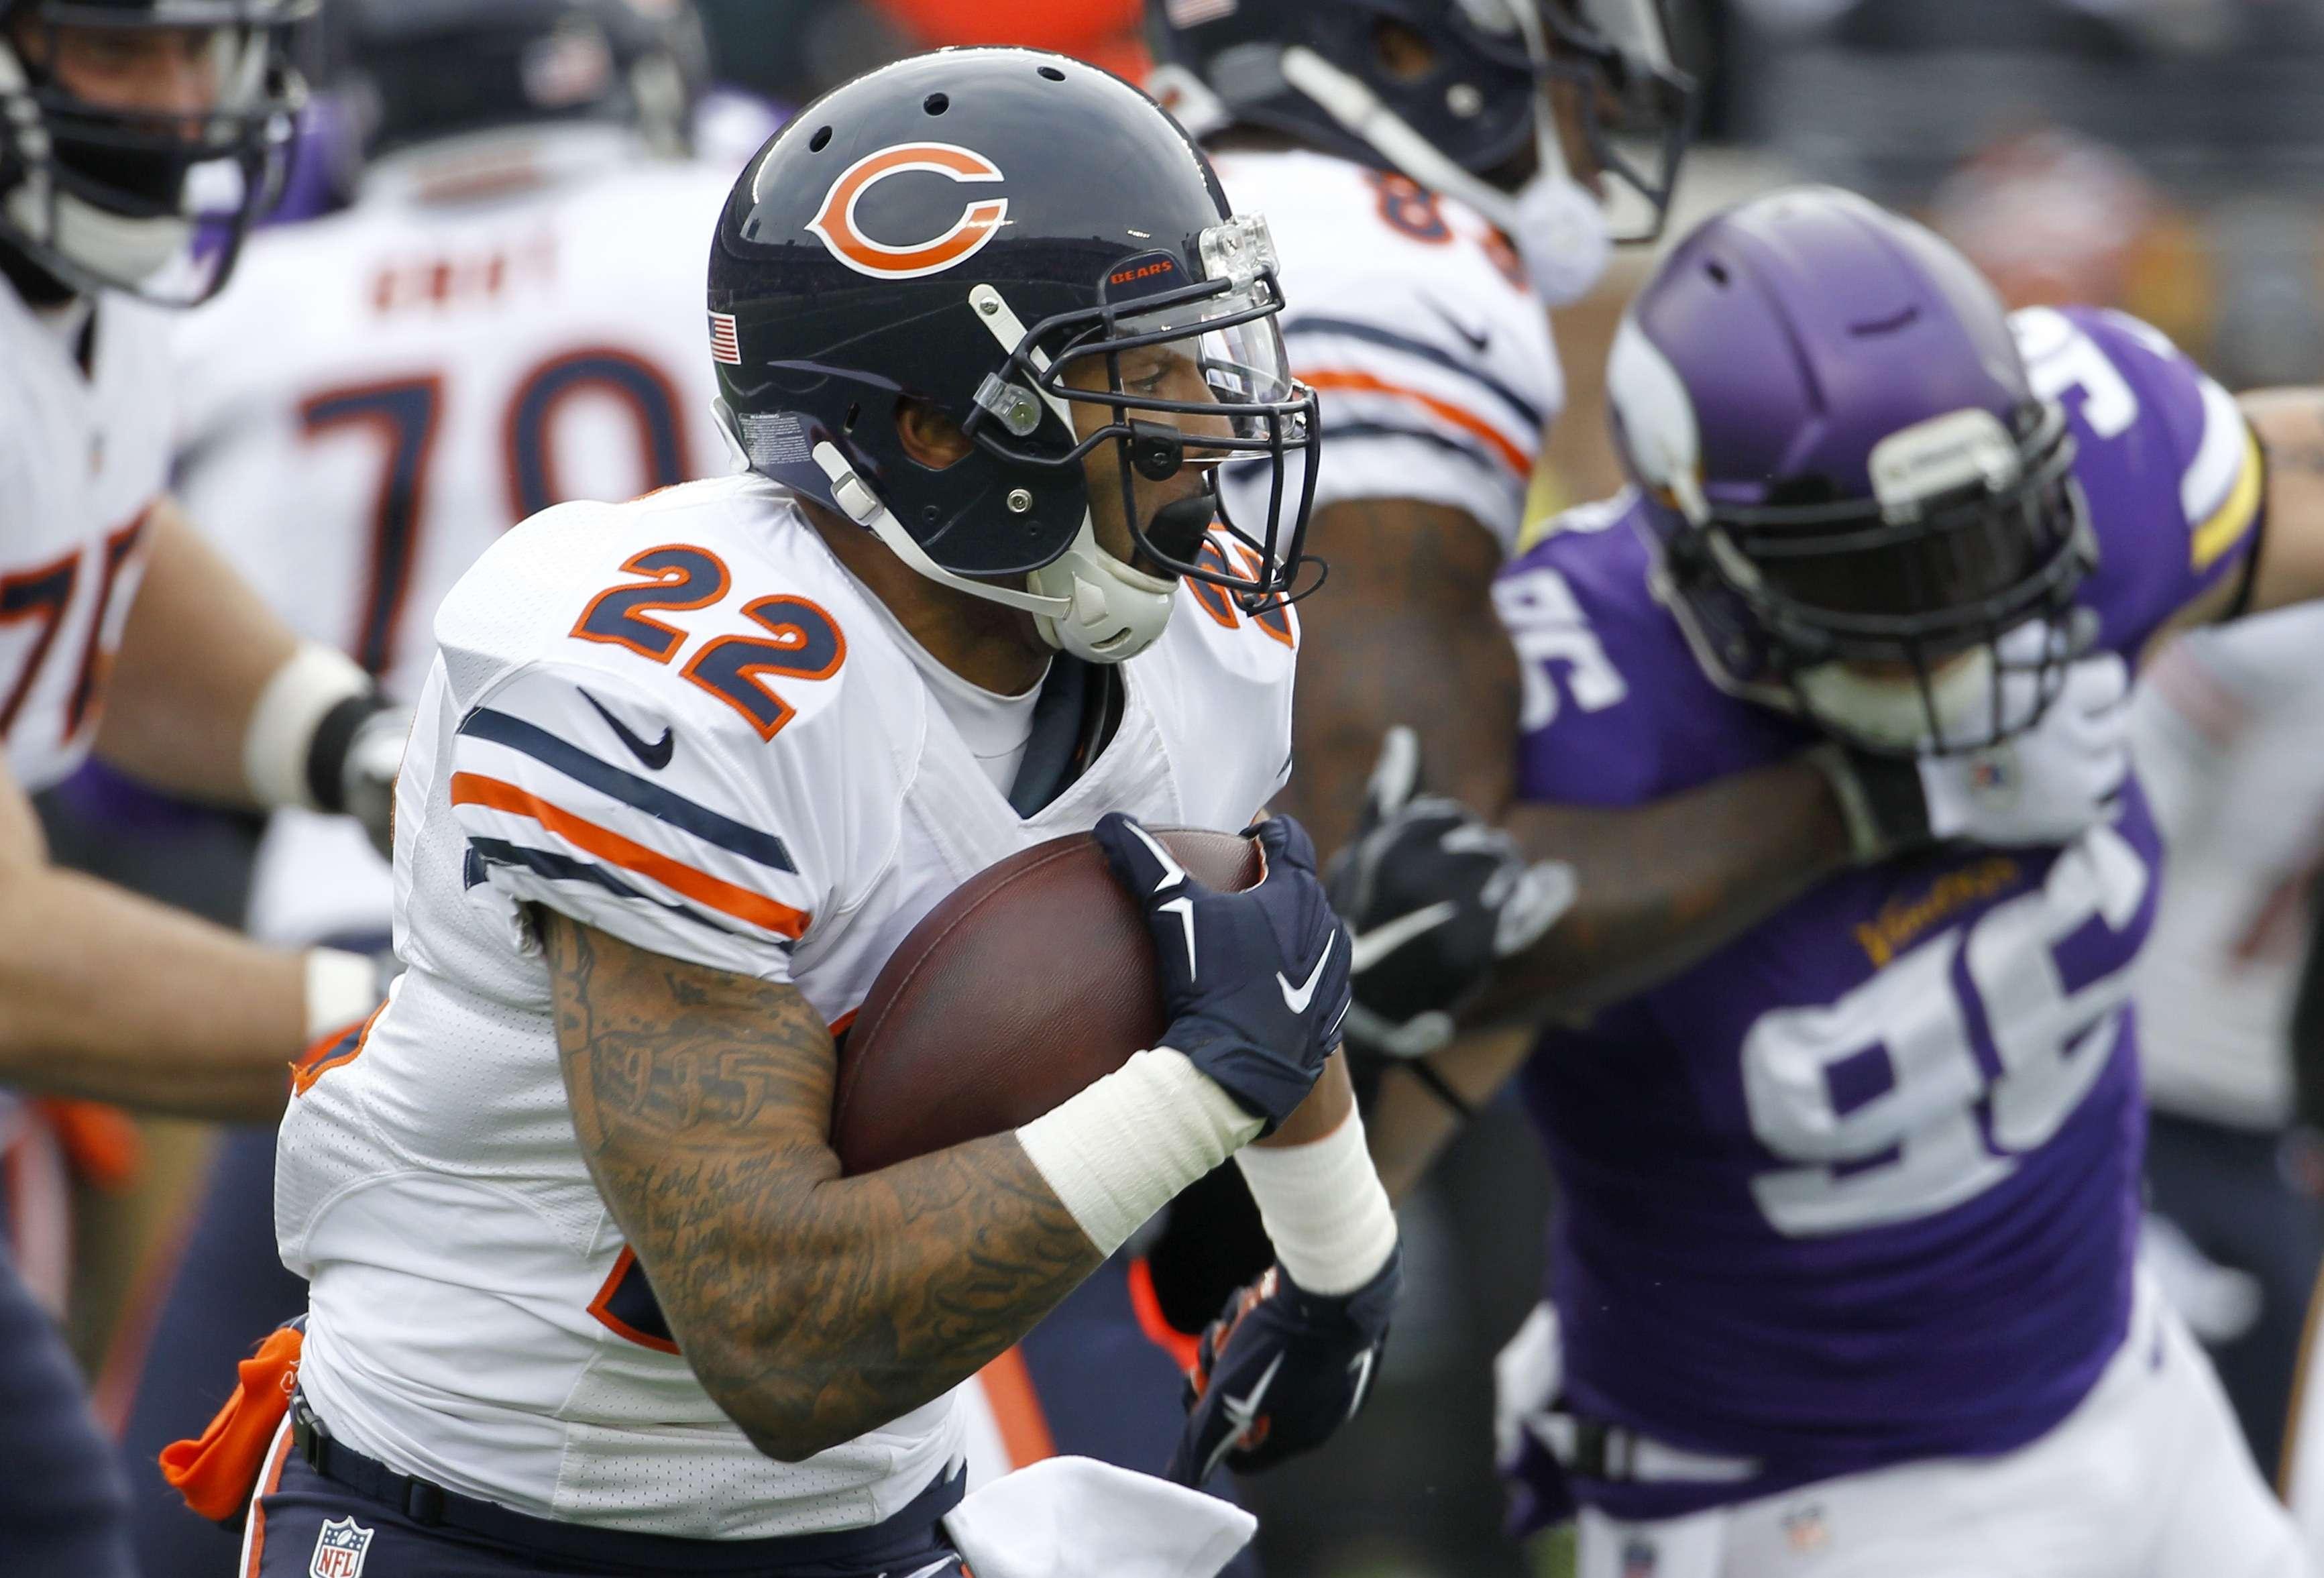 Matt Forte corrió para 51 yardas, para cerrar la temporada con 987. Foto: AP